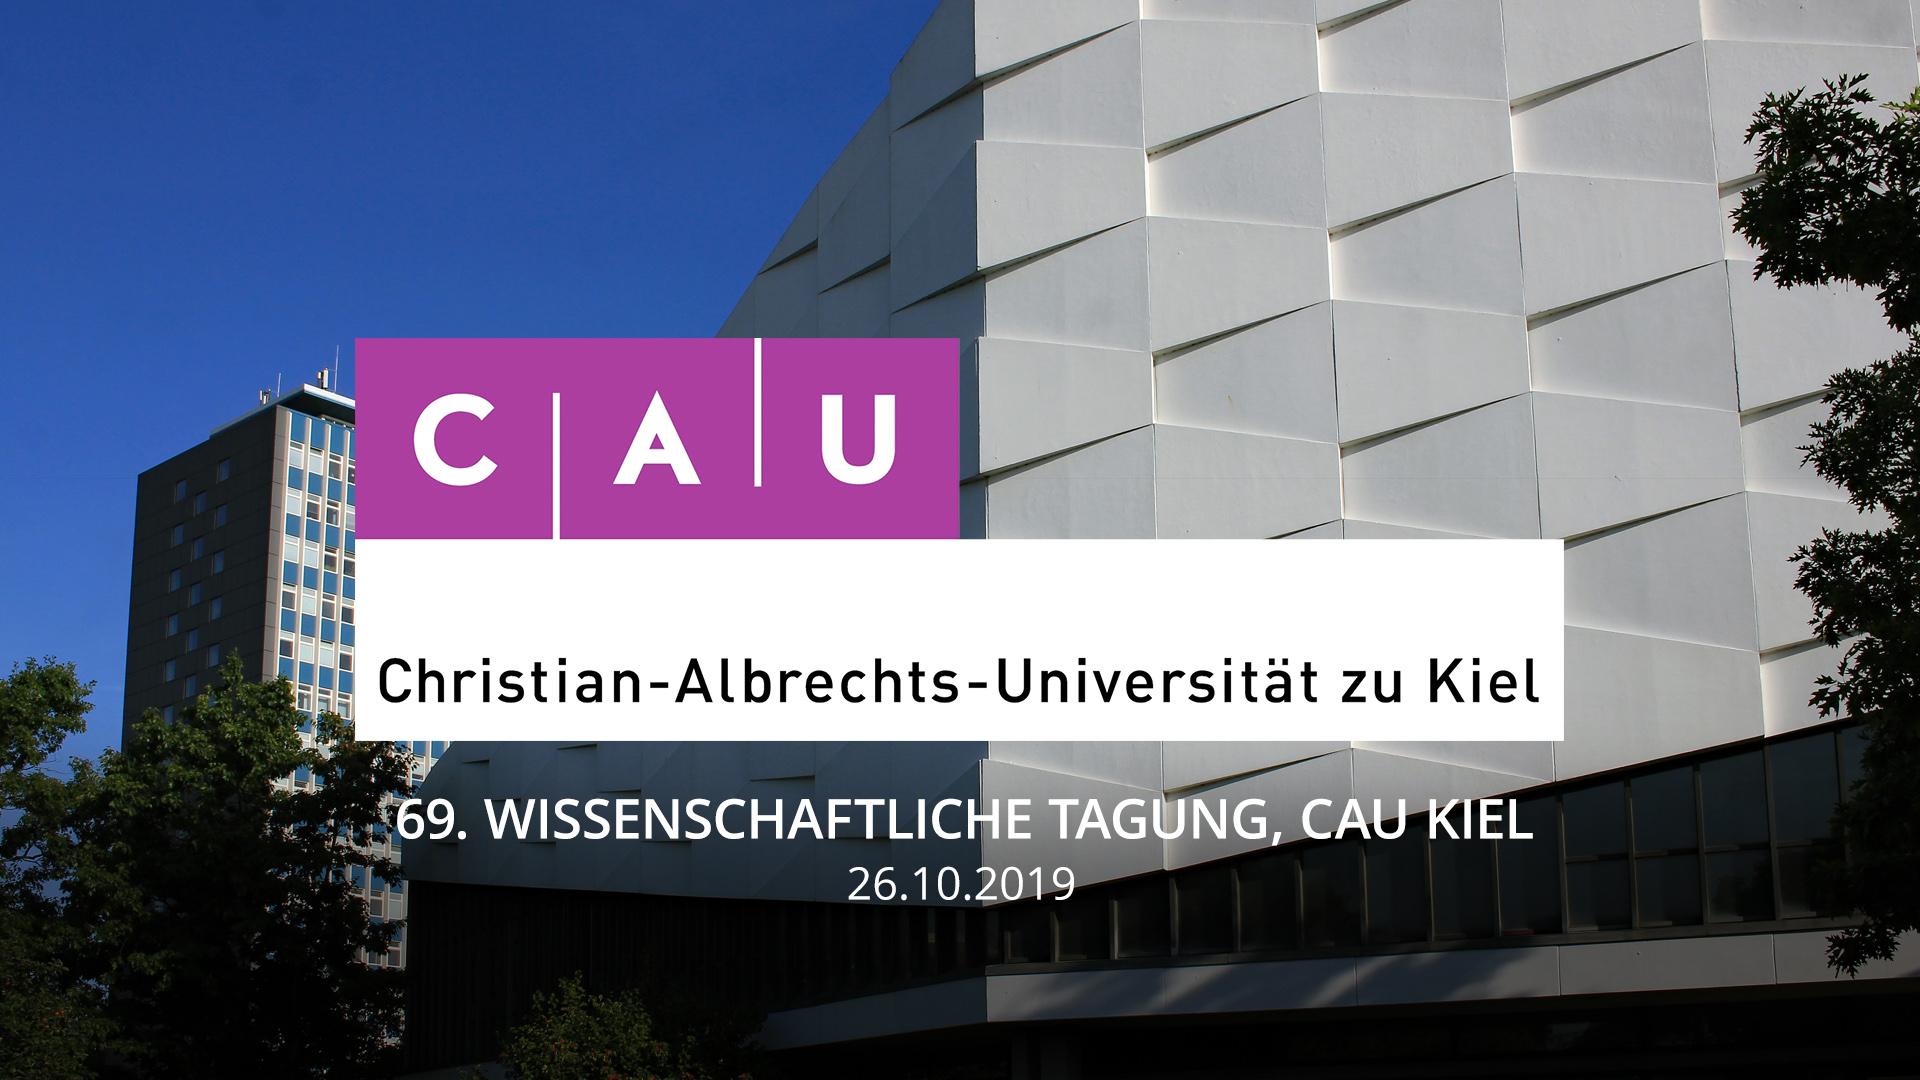 Oktober19 - 69. Wissenschaftliche Tagung, CAU Kiel